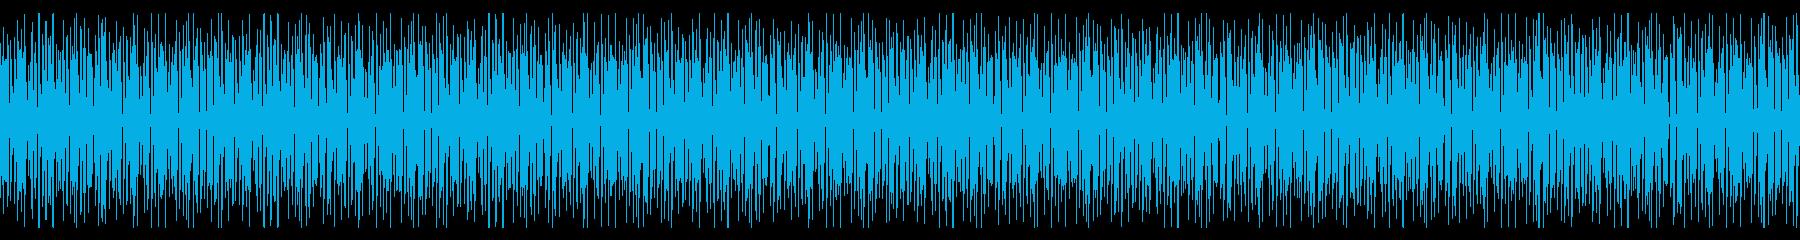 明るく跳ねるようなリズムのピアノループ曲の再生済みの波形